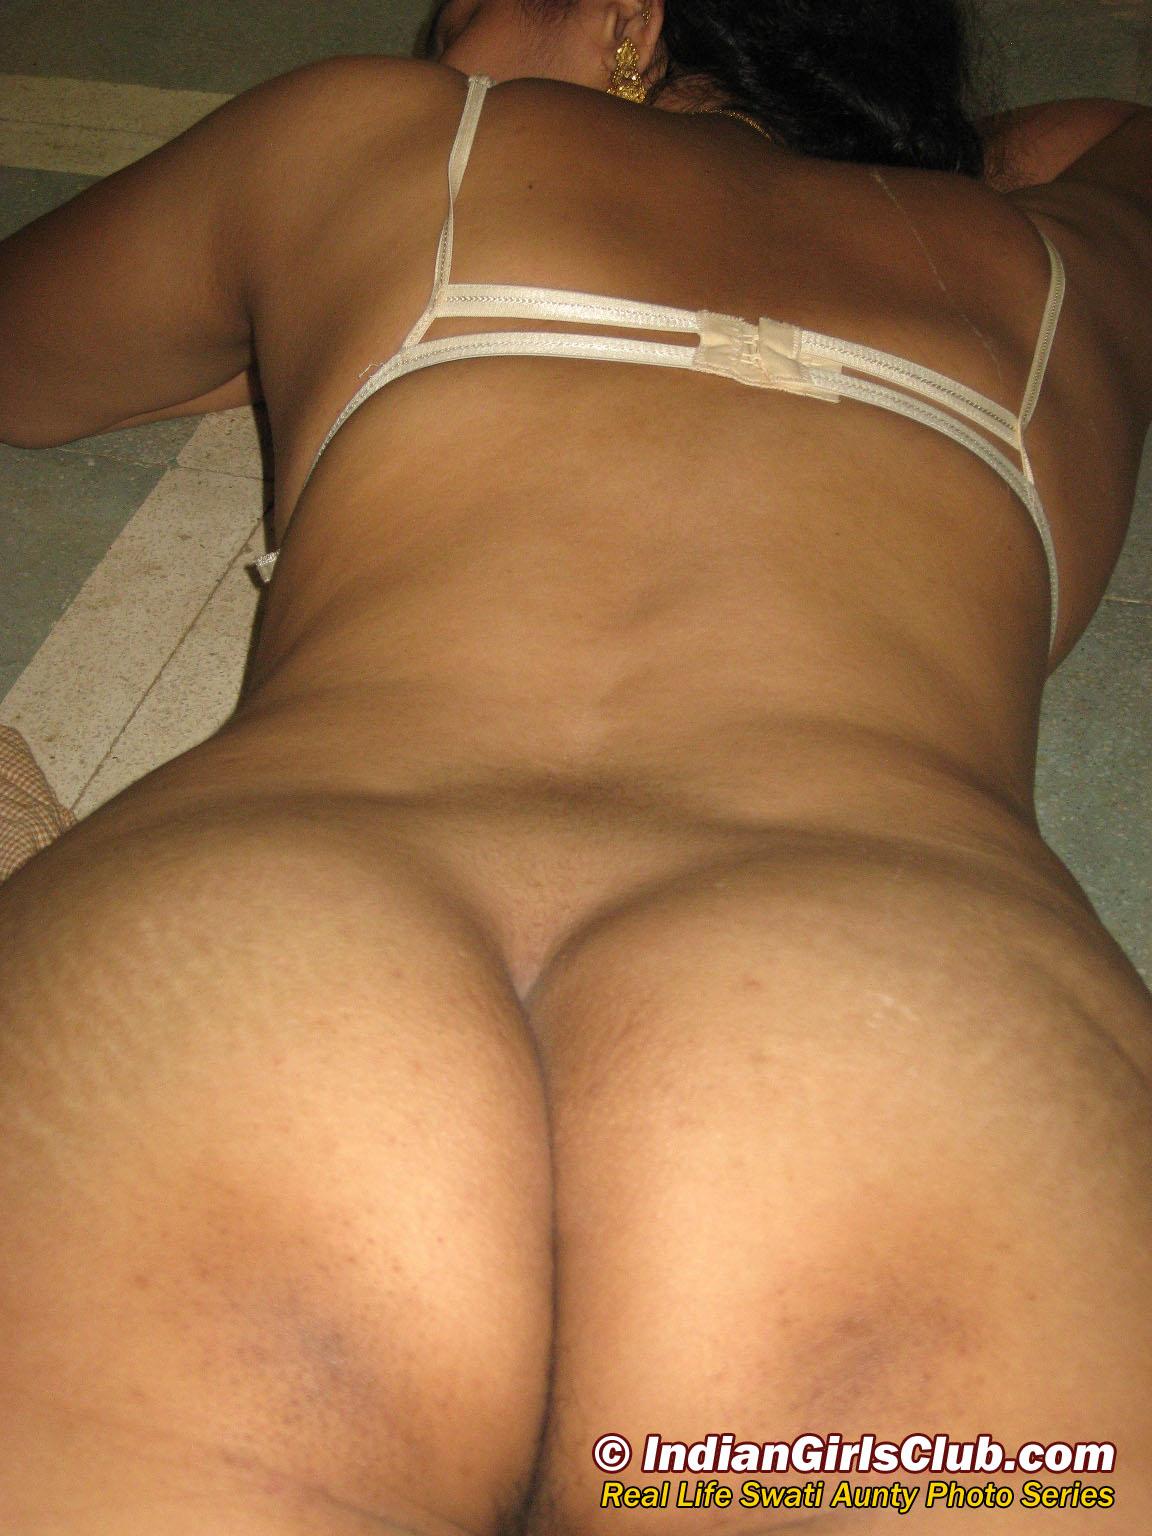 swati aunty sexy ass